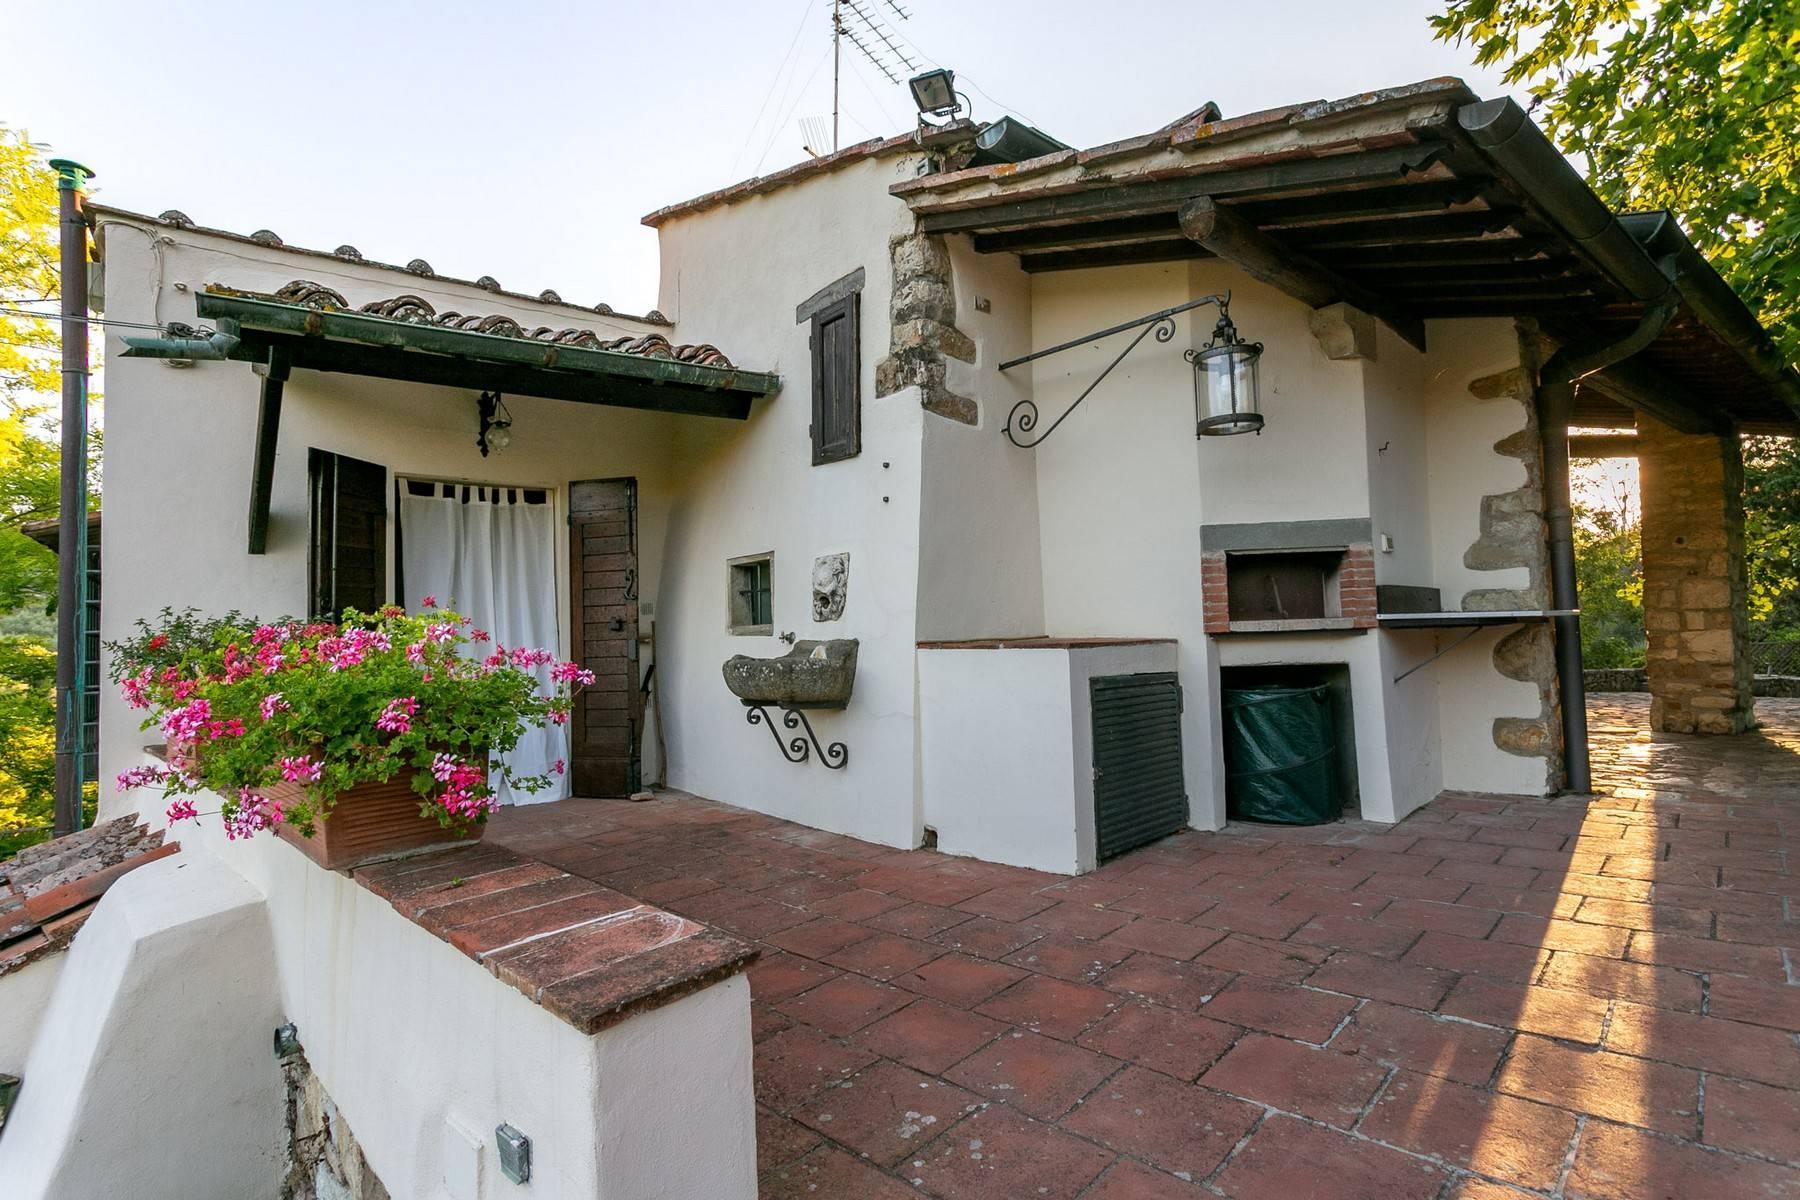 Villa mitten im Grünen in der Nähe von Florenz - 20